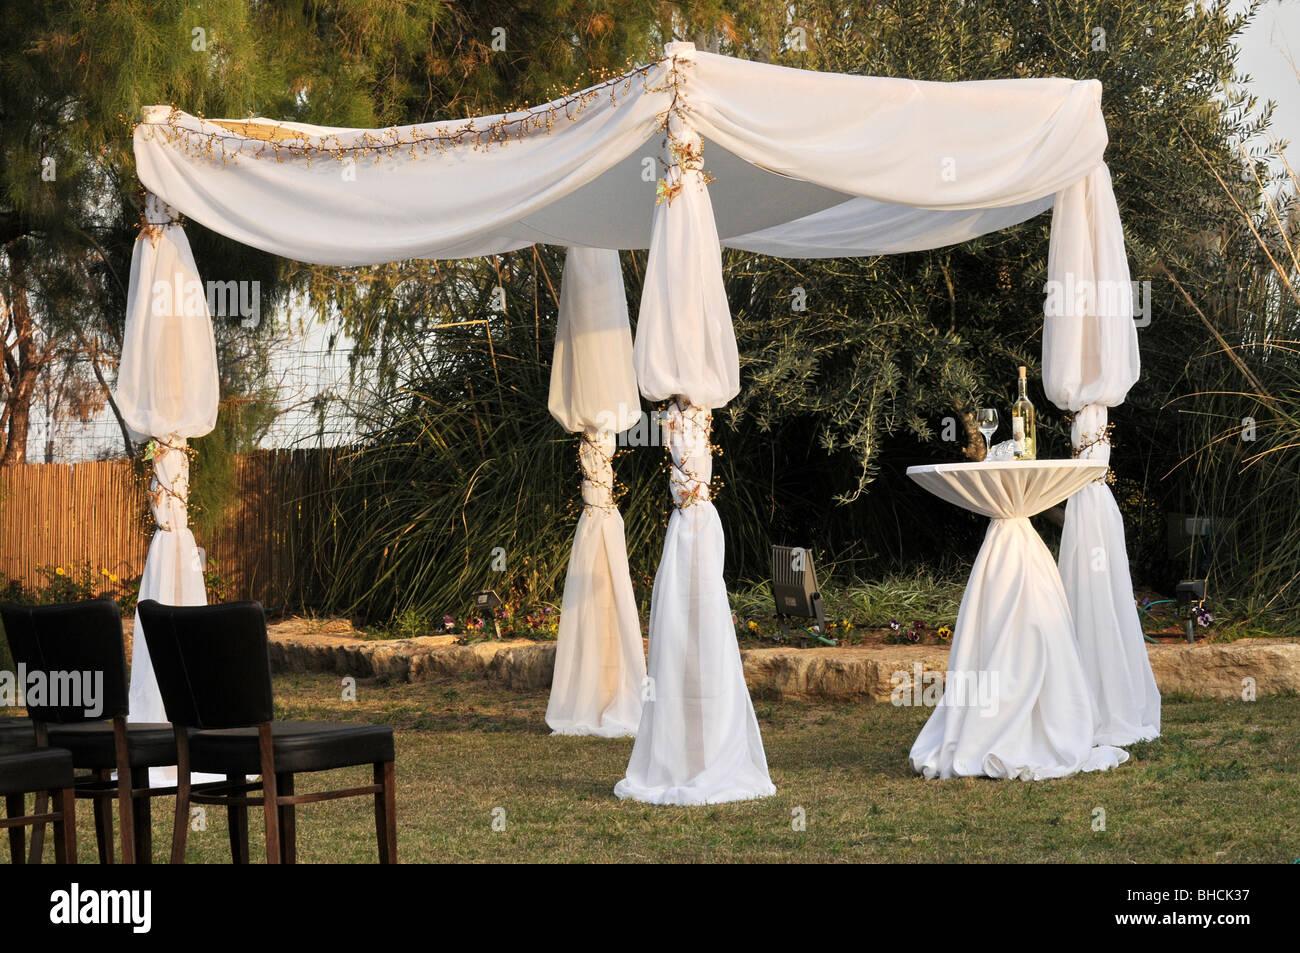 Die Judische Hochzeit Uberdachung Ein Chuppah Stockfoto Bild